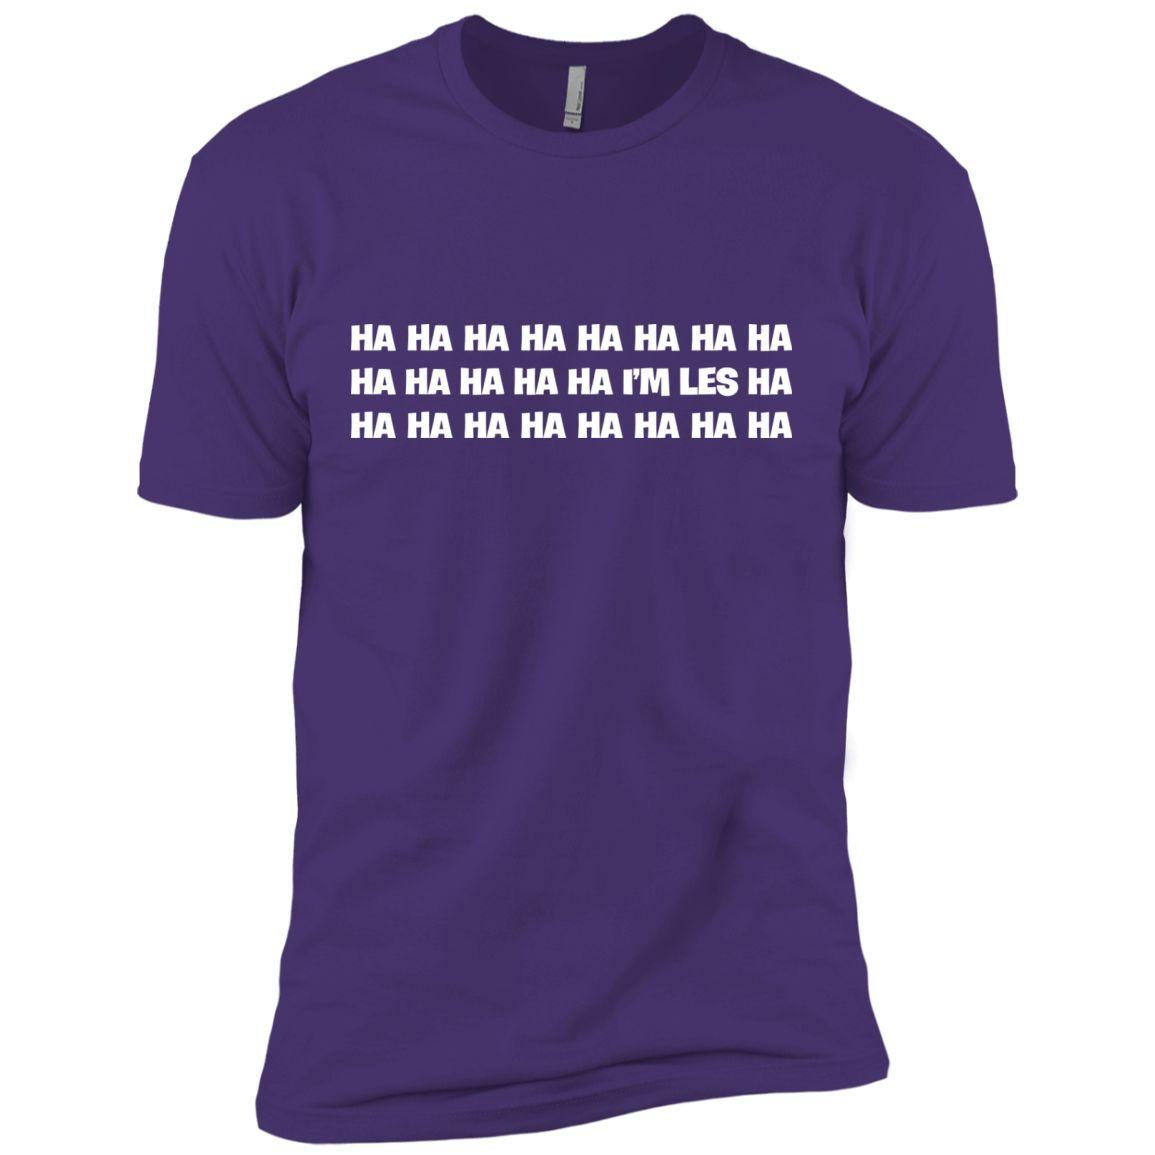 i'm les t shirt hahaha t shirt lol Next Level Premium Short Sleeve Tee